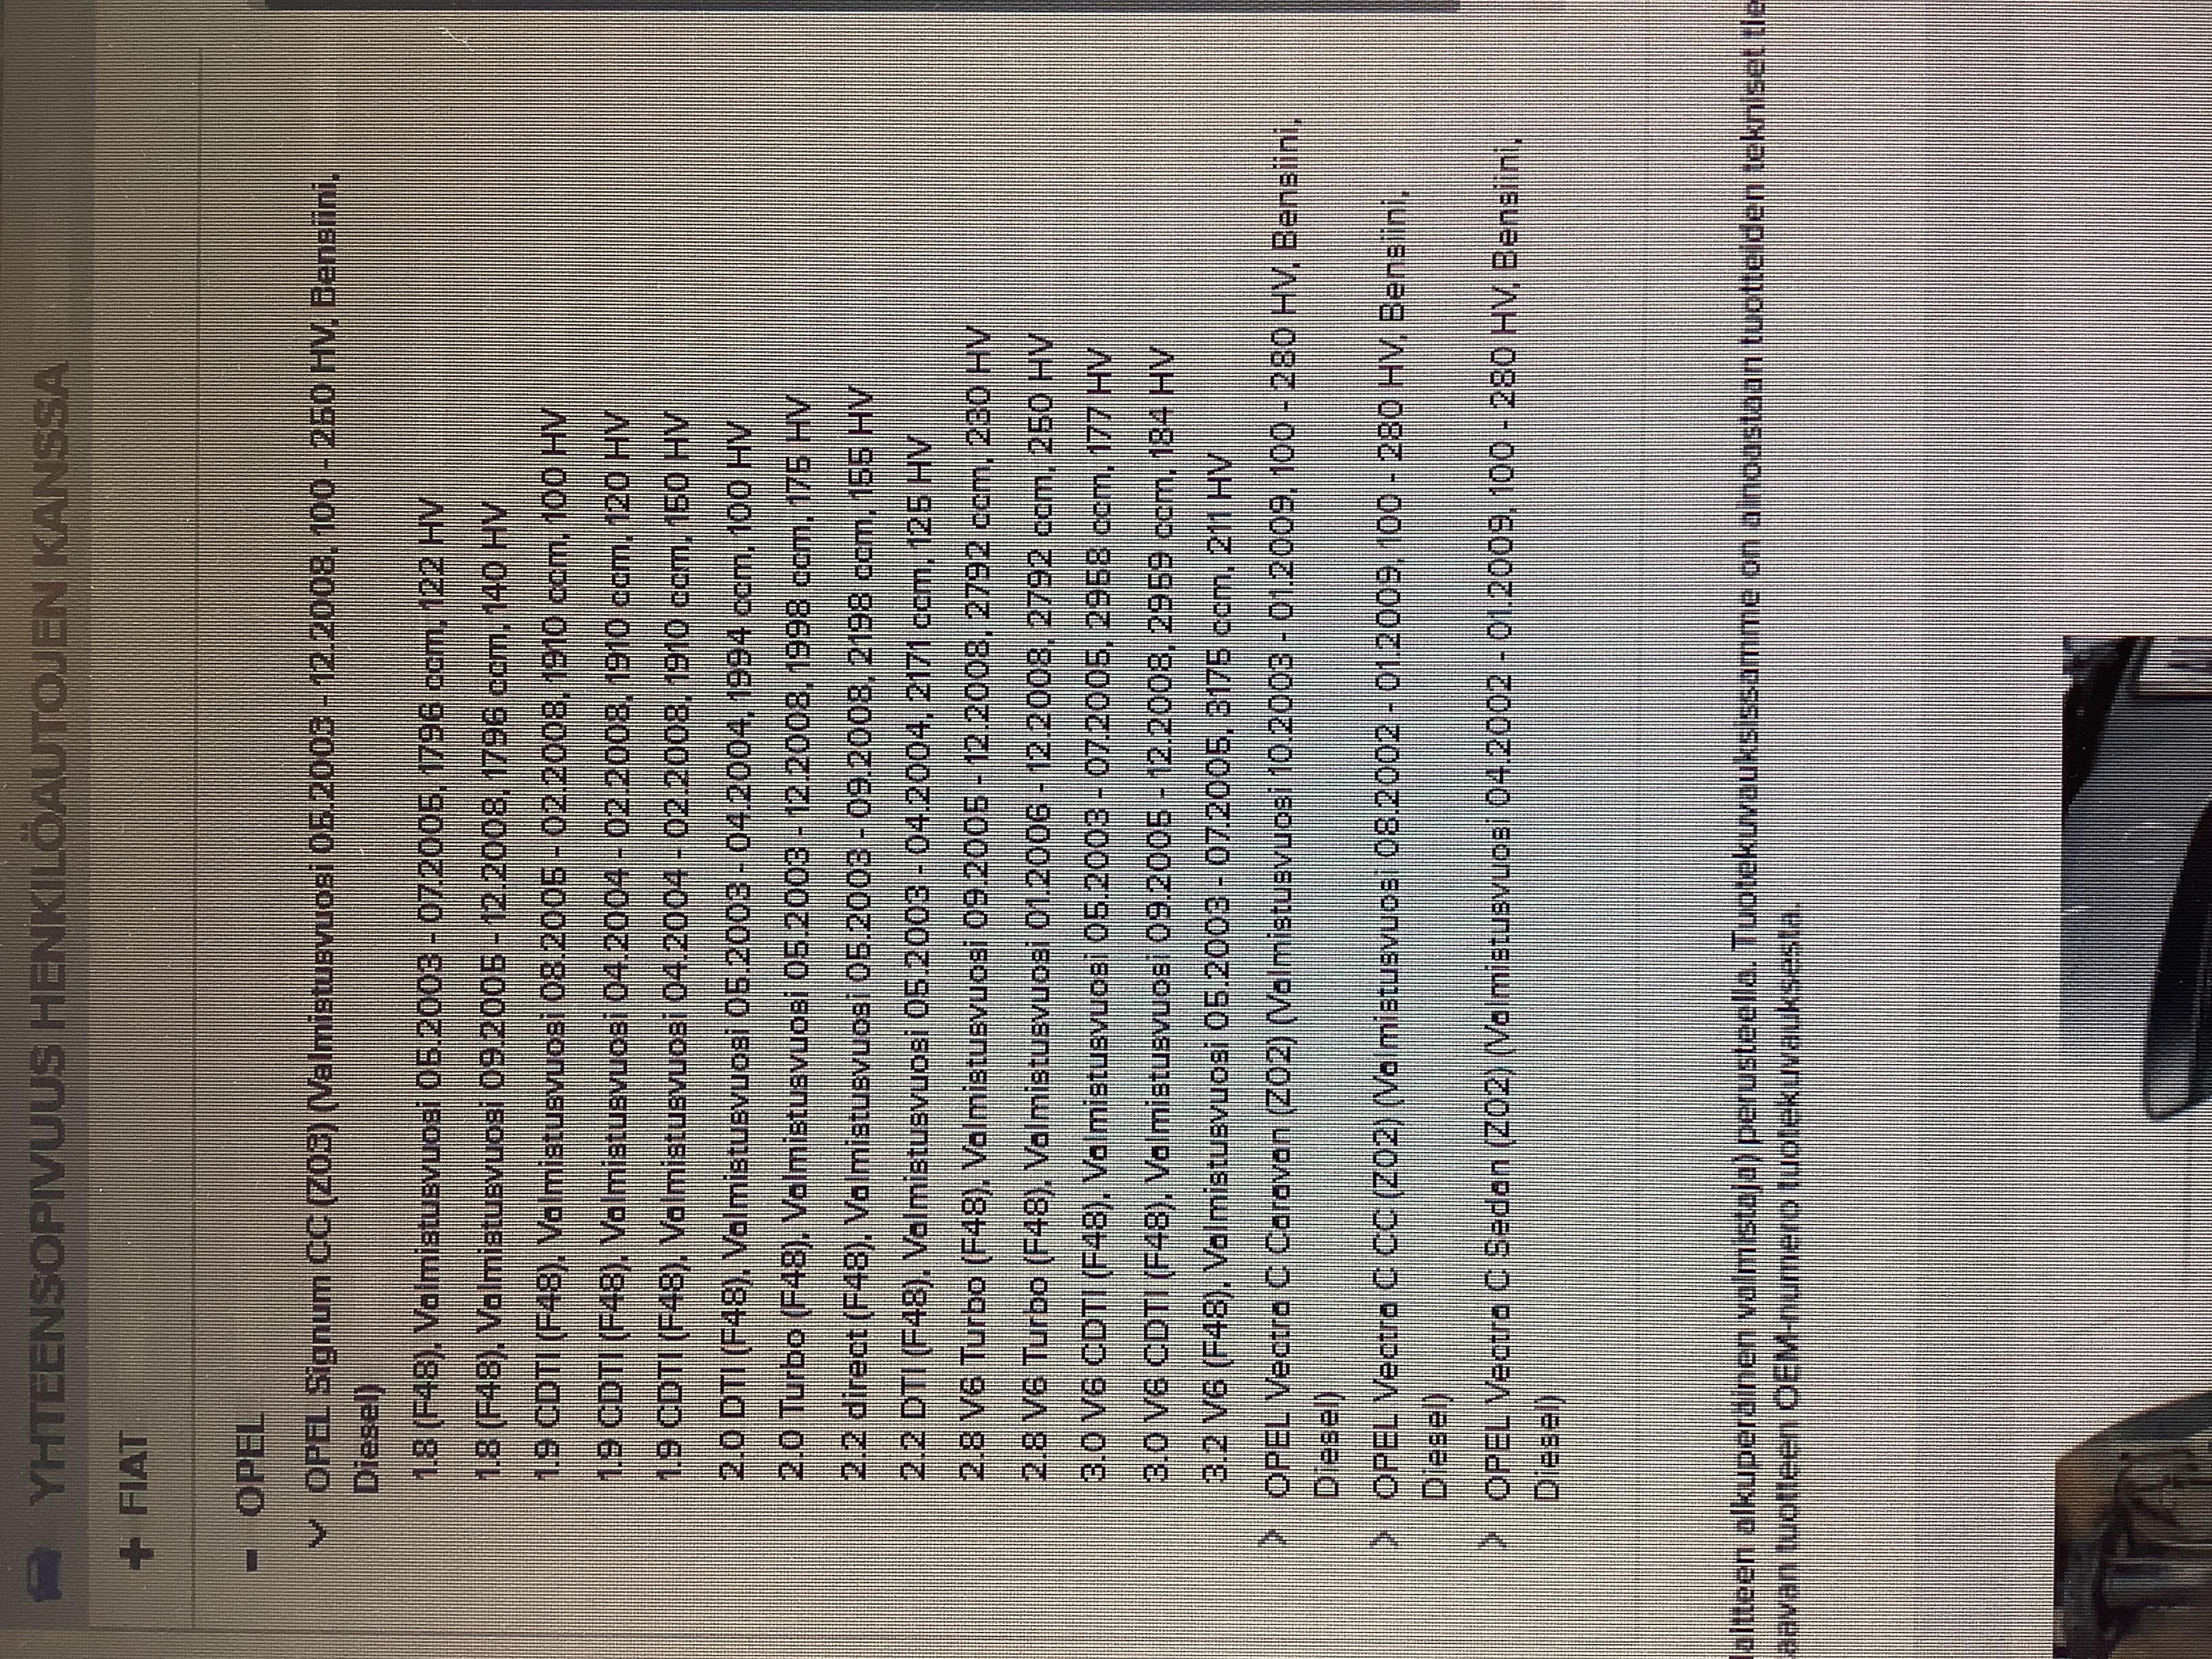 public/4e022624-ff56-49c3-9a59-1ae36355df7a